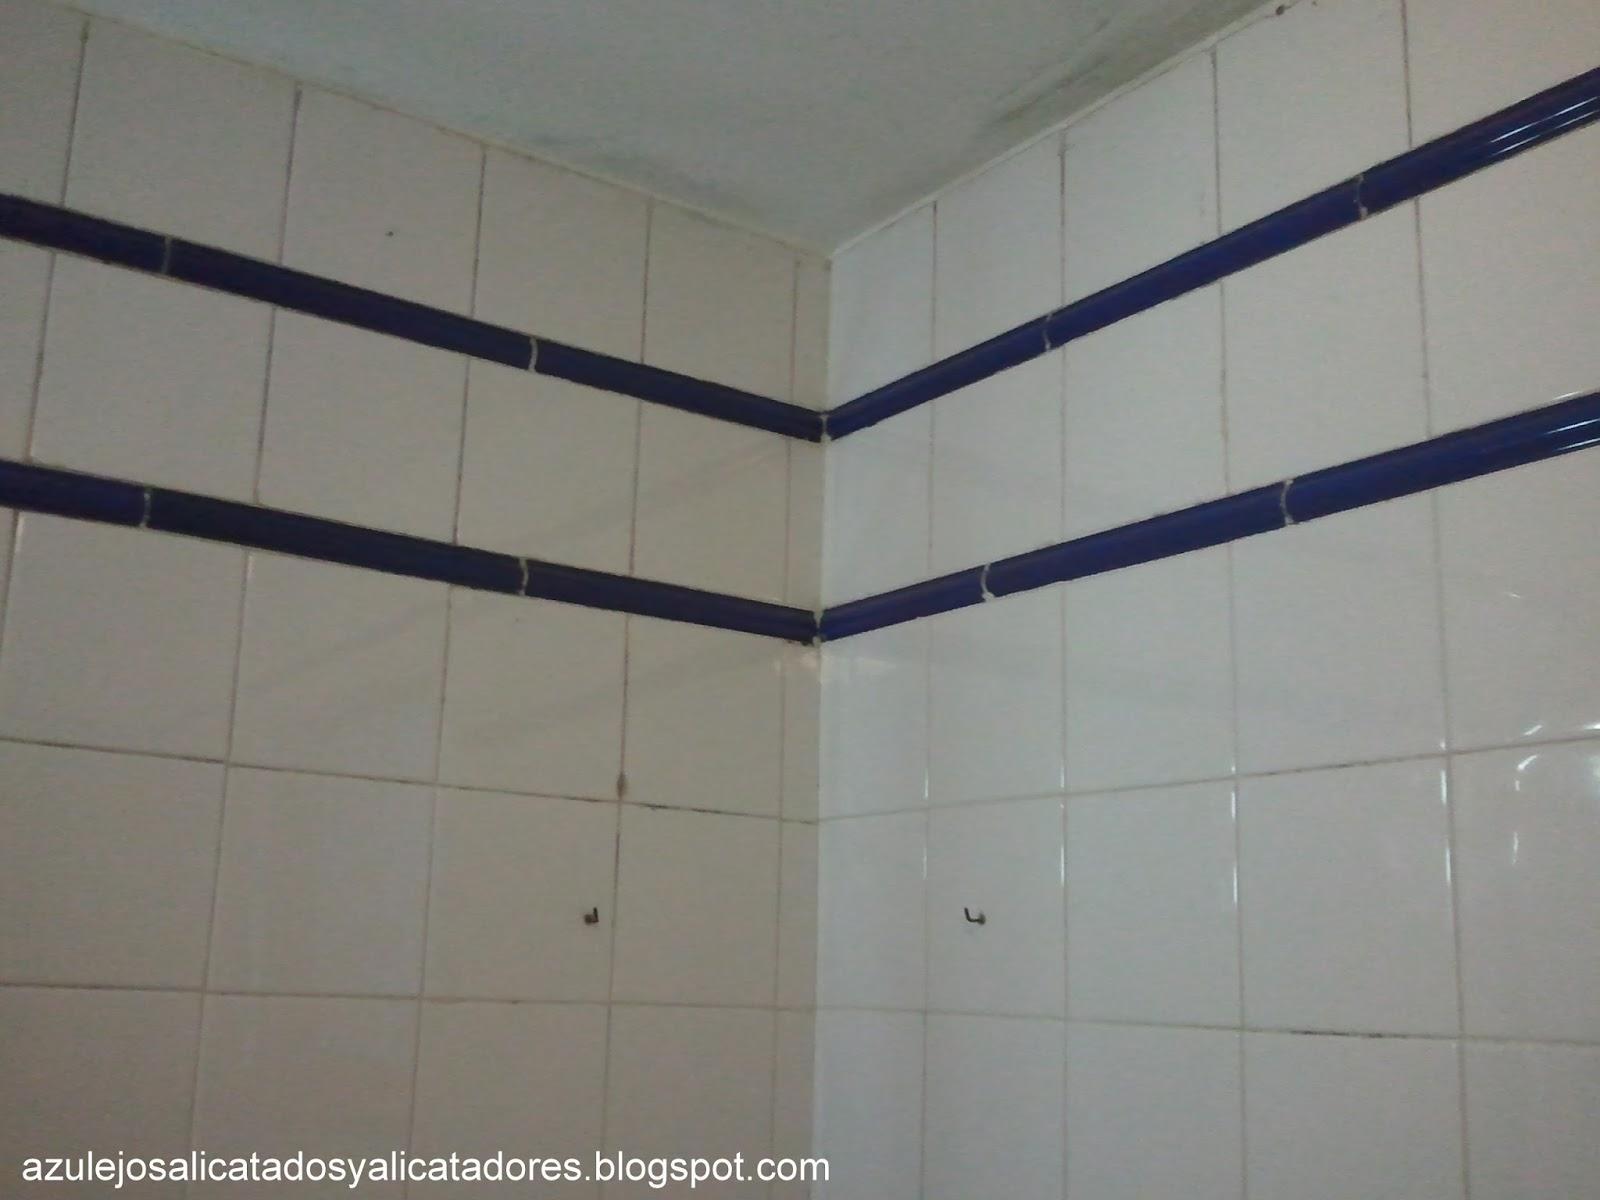 Azulejos Baño Blanco:El formato de los azulejos es 15×15 cm en color blanco brillo, con